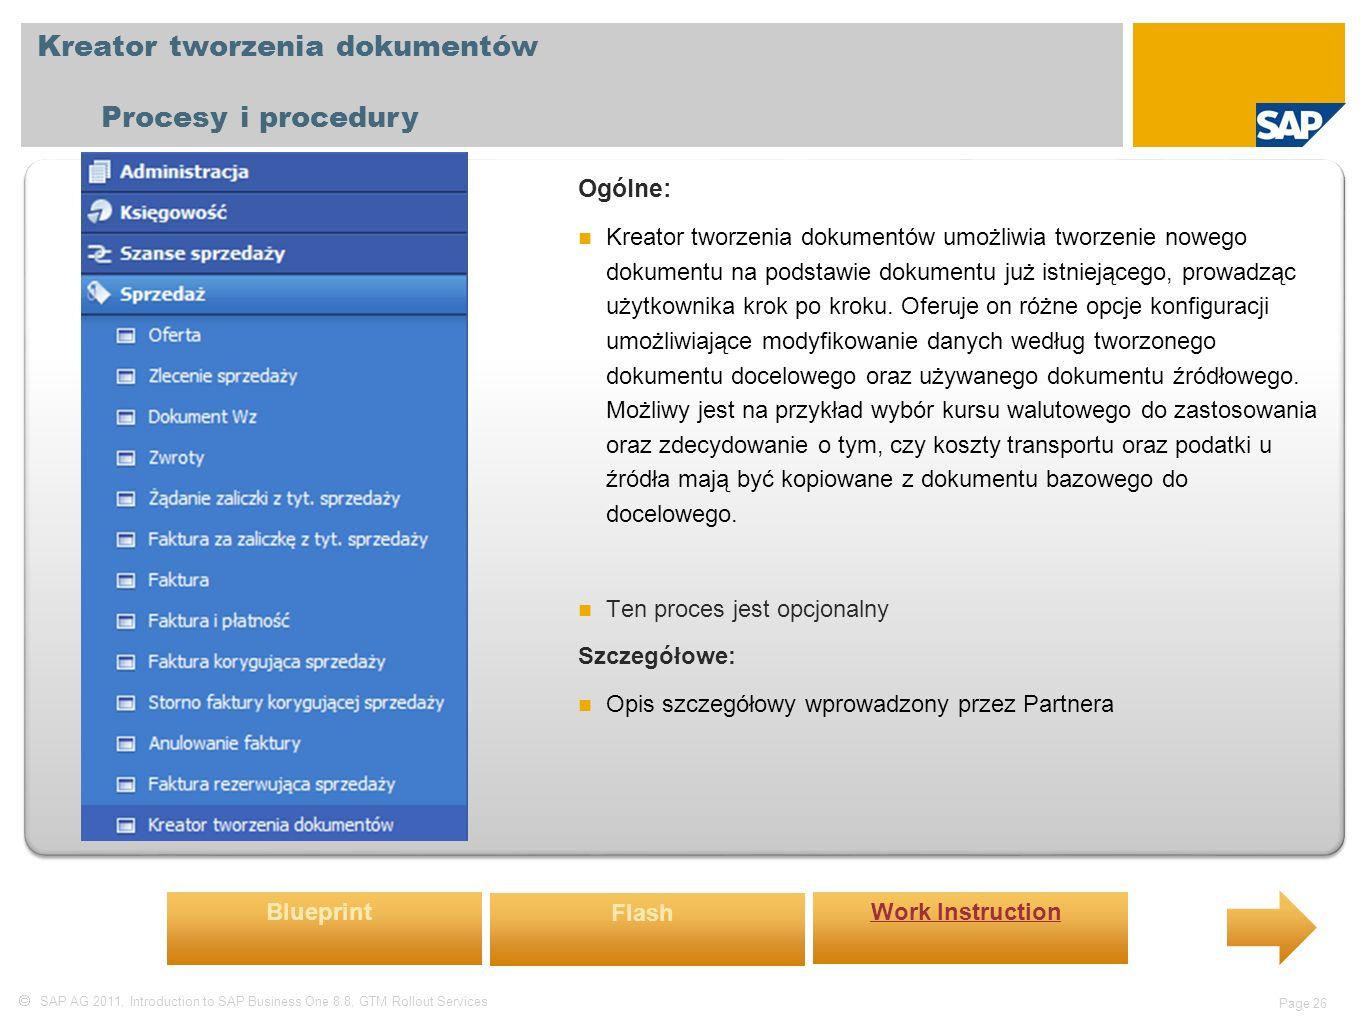  SAP AG 2011, Introduction to SAP Business One 8.8, GTM Rollout Services Page 26 Kreator tworzenia dokumentów Procesy i procedury Ogólne: Kreator tworzenia dokumentów umożliwia tworzenie nowego dokumentu na podstawie dokumentu już istniejącego, prowadząc użytkownika krok po kroku.